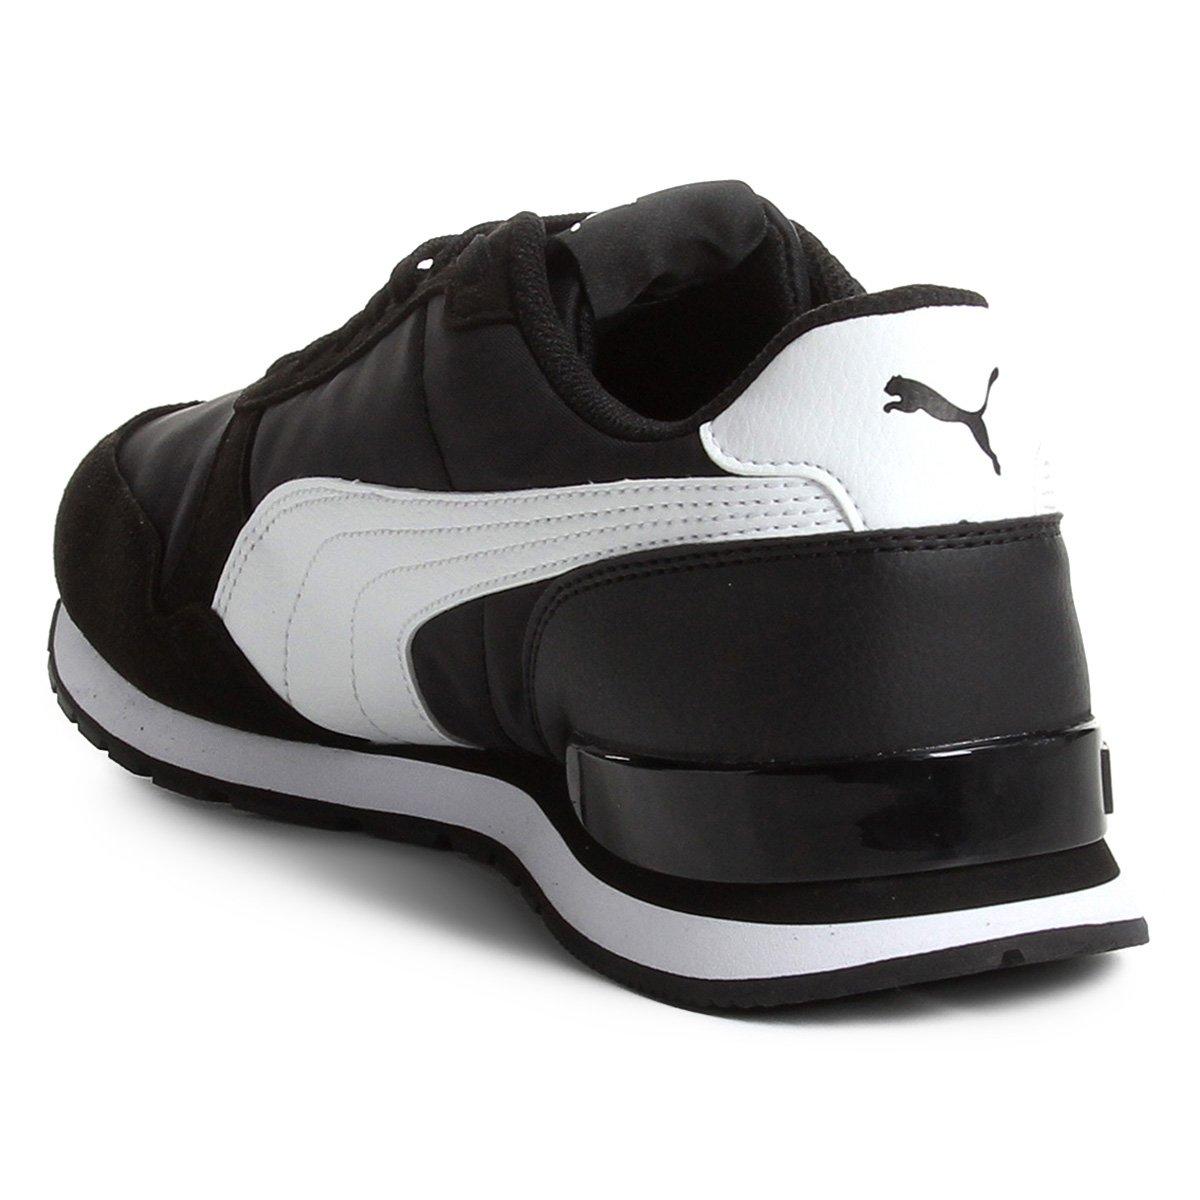 Tênis Puma St Runner V2 Nl - Preto - Compre Agora  29c1bf0eab0a8